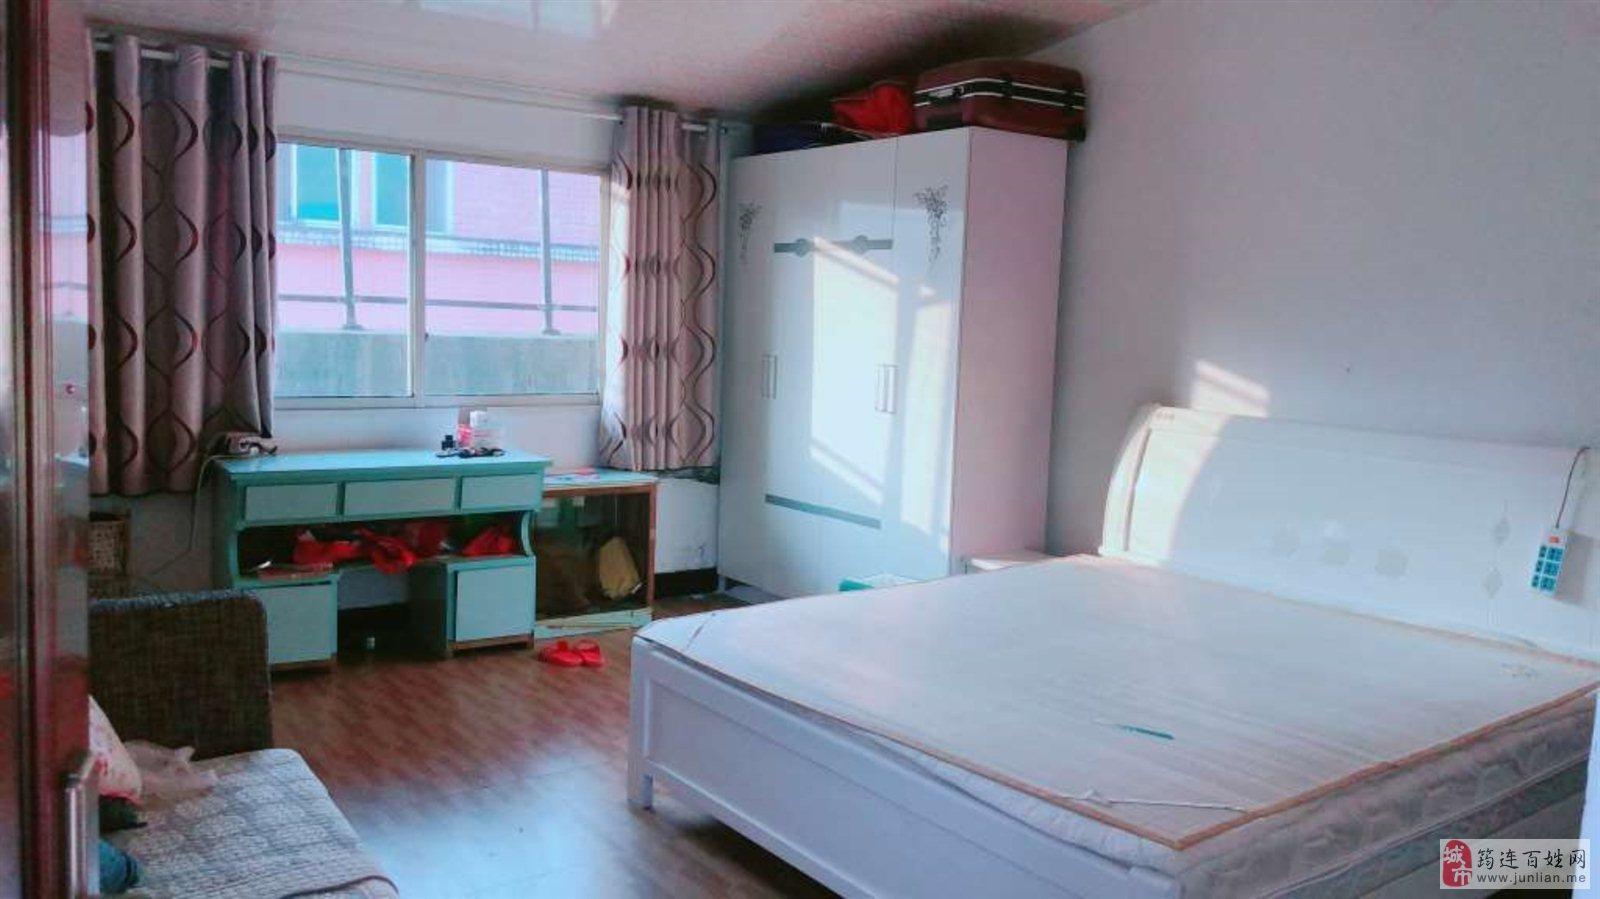 新华桥5室2厅2卫80万元